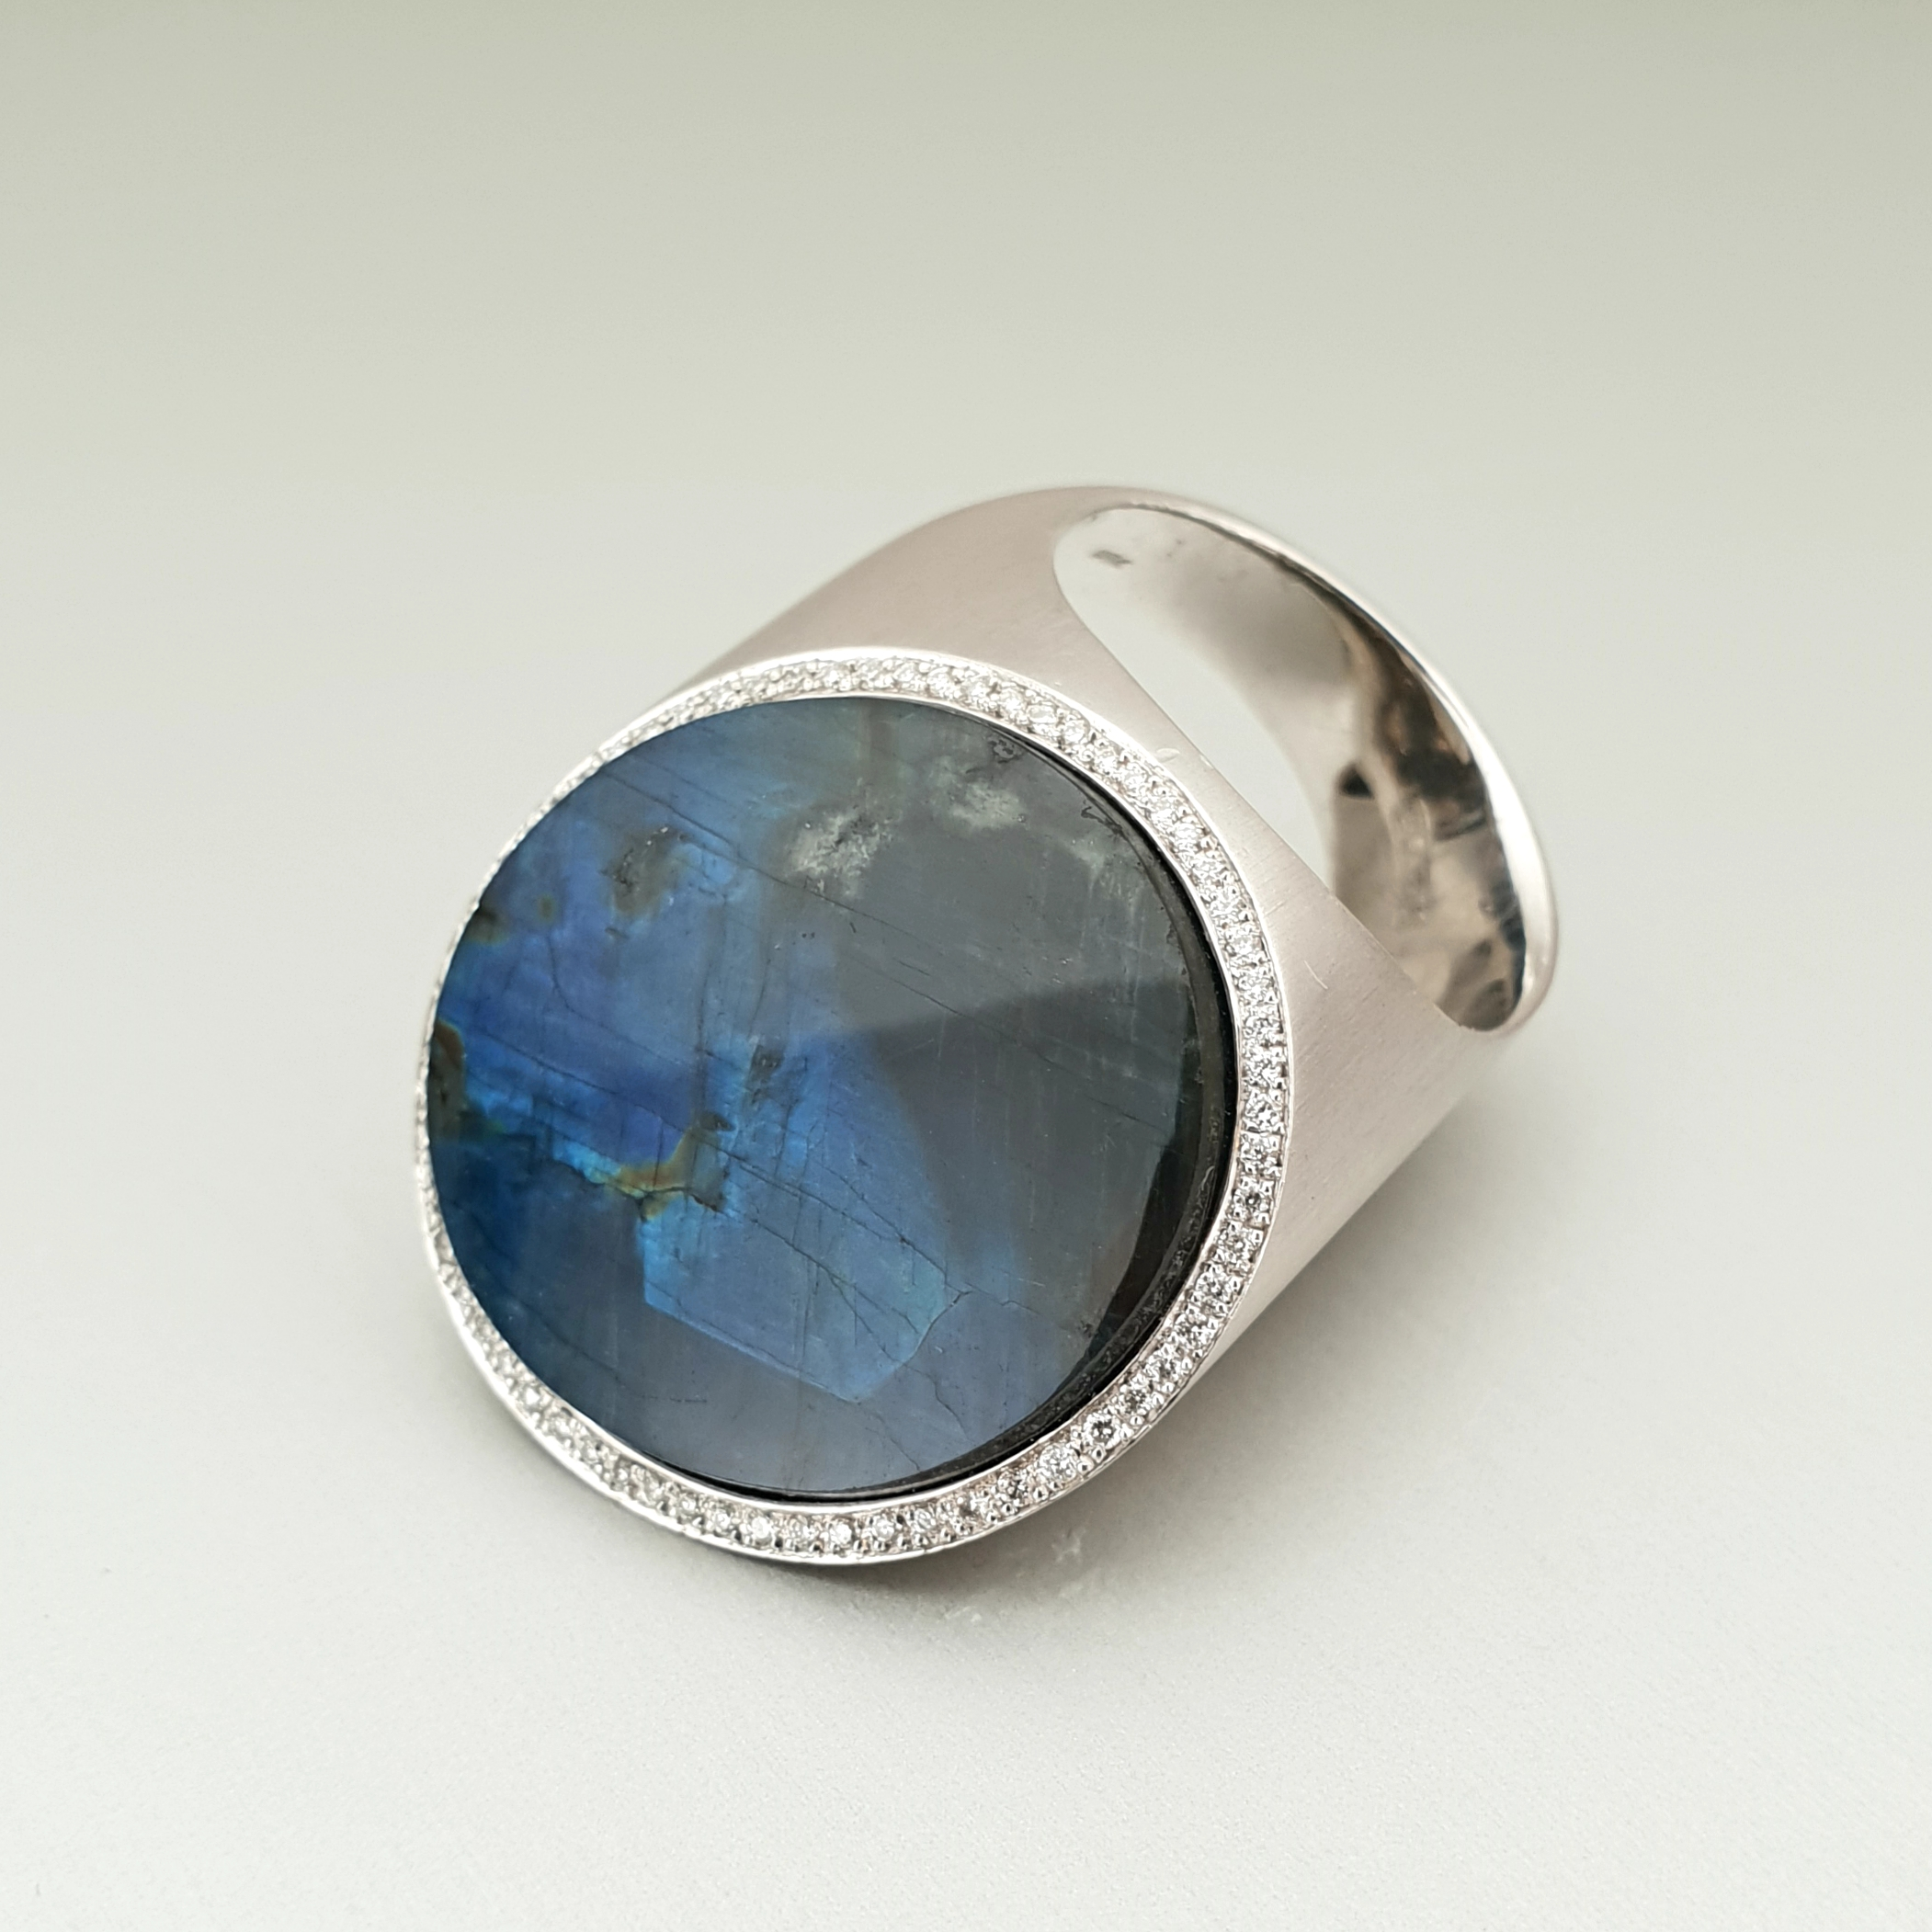 'Corvus' Labradorite Ring in 18ct White Gold